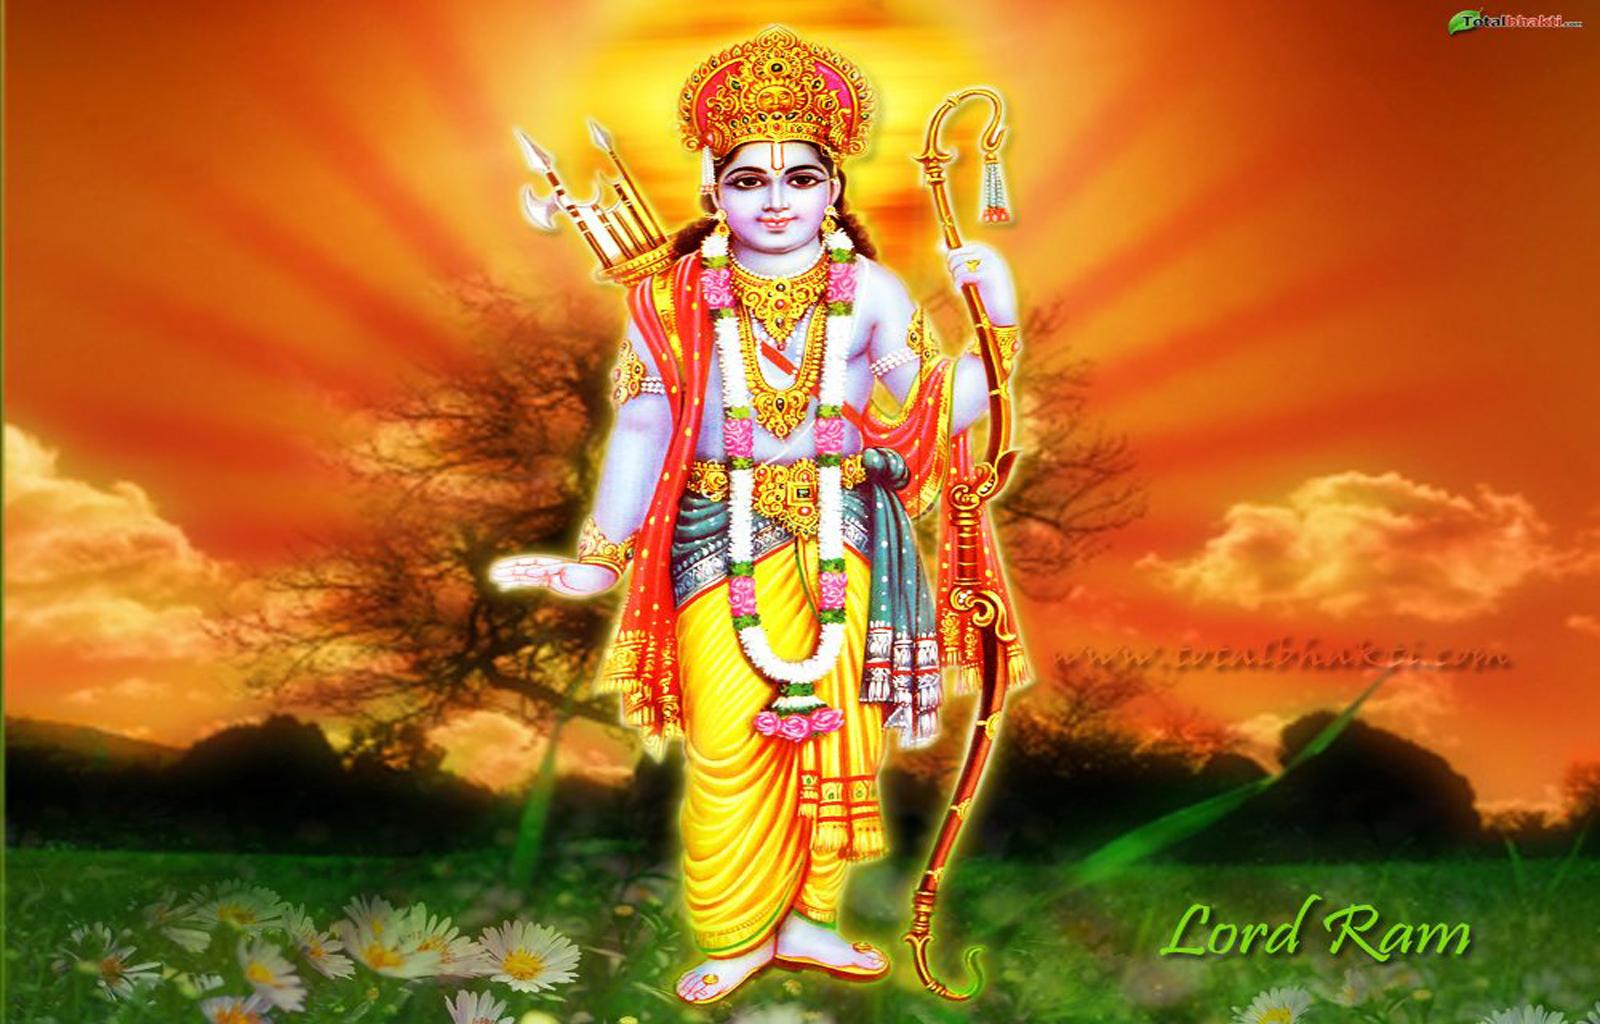 http://2.bp.blogspot.com/-jBLVAq5TXJg/UGpbQj1xRMI/AAAAAAAAHmM/qWf98CCR2AE/s1600/Ram-736.jpg